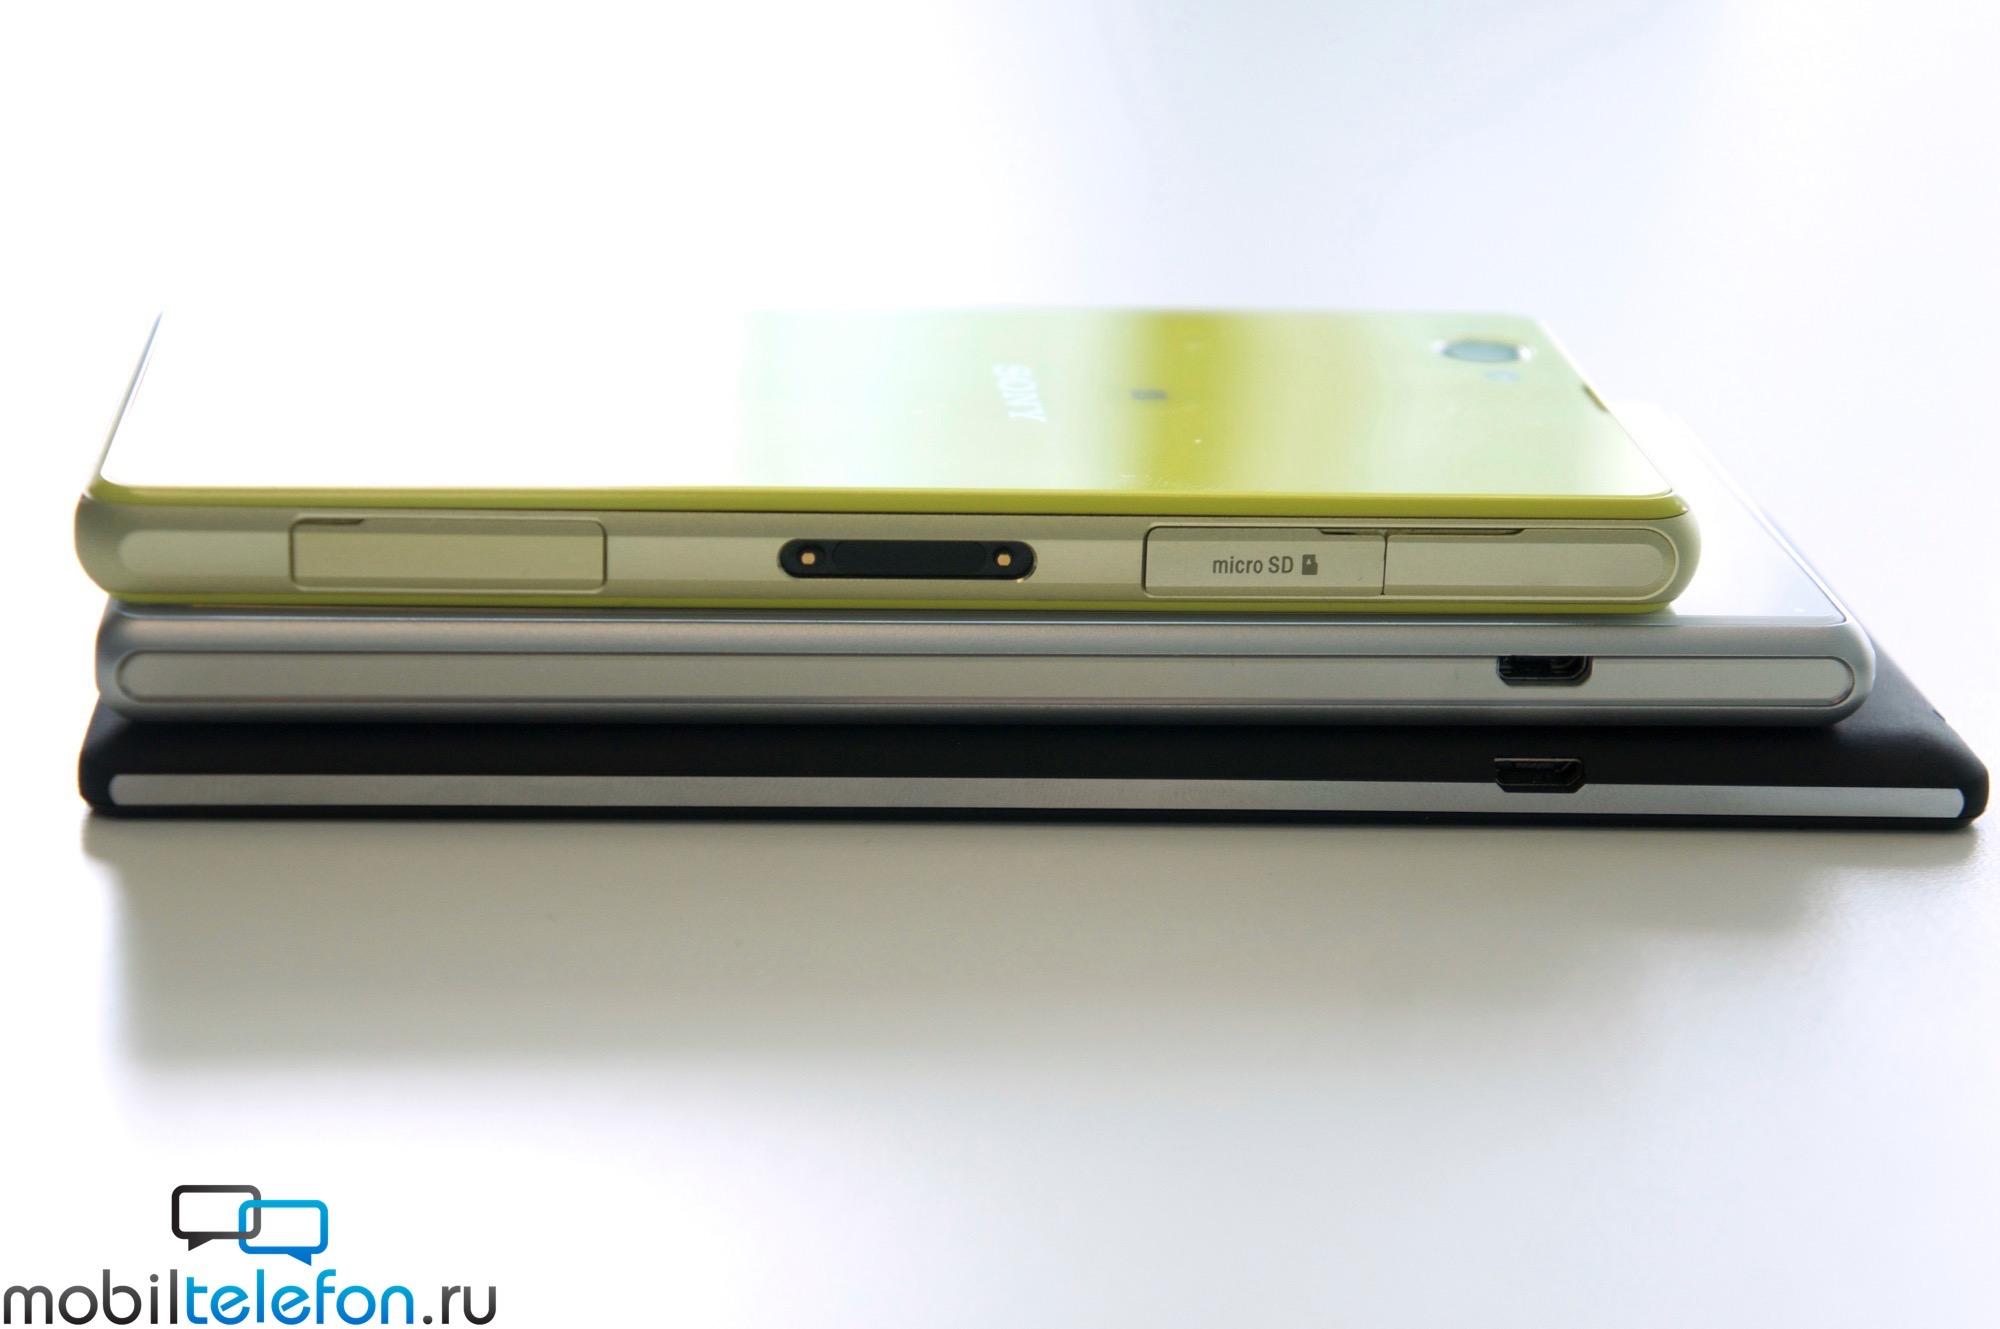 Xperia T3 vs Z2 vs Z1 Compact Size comparison